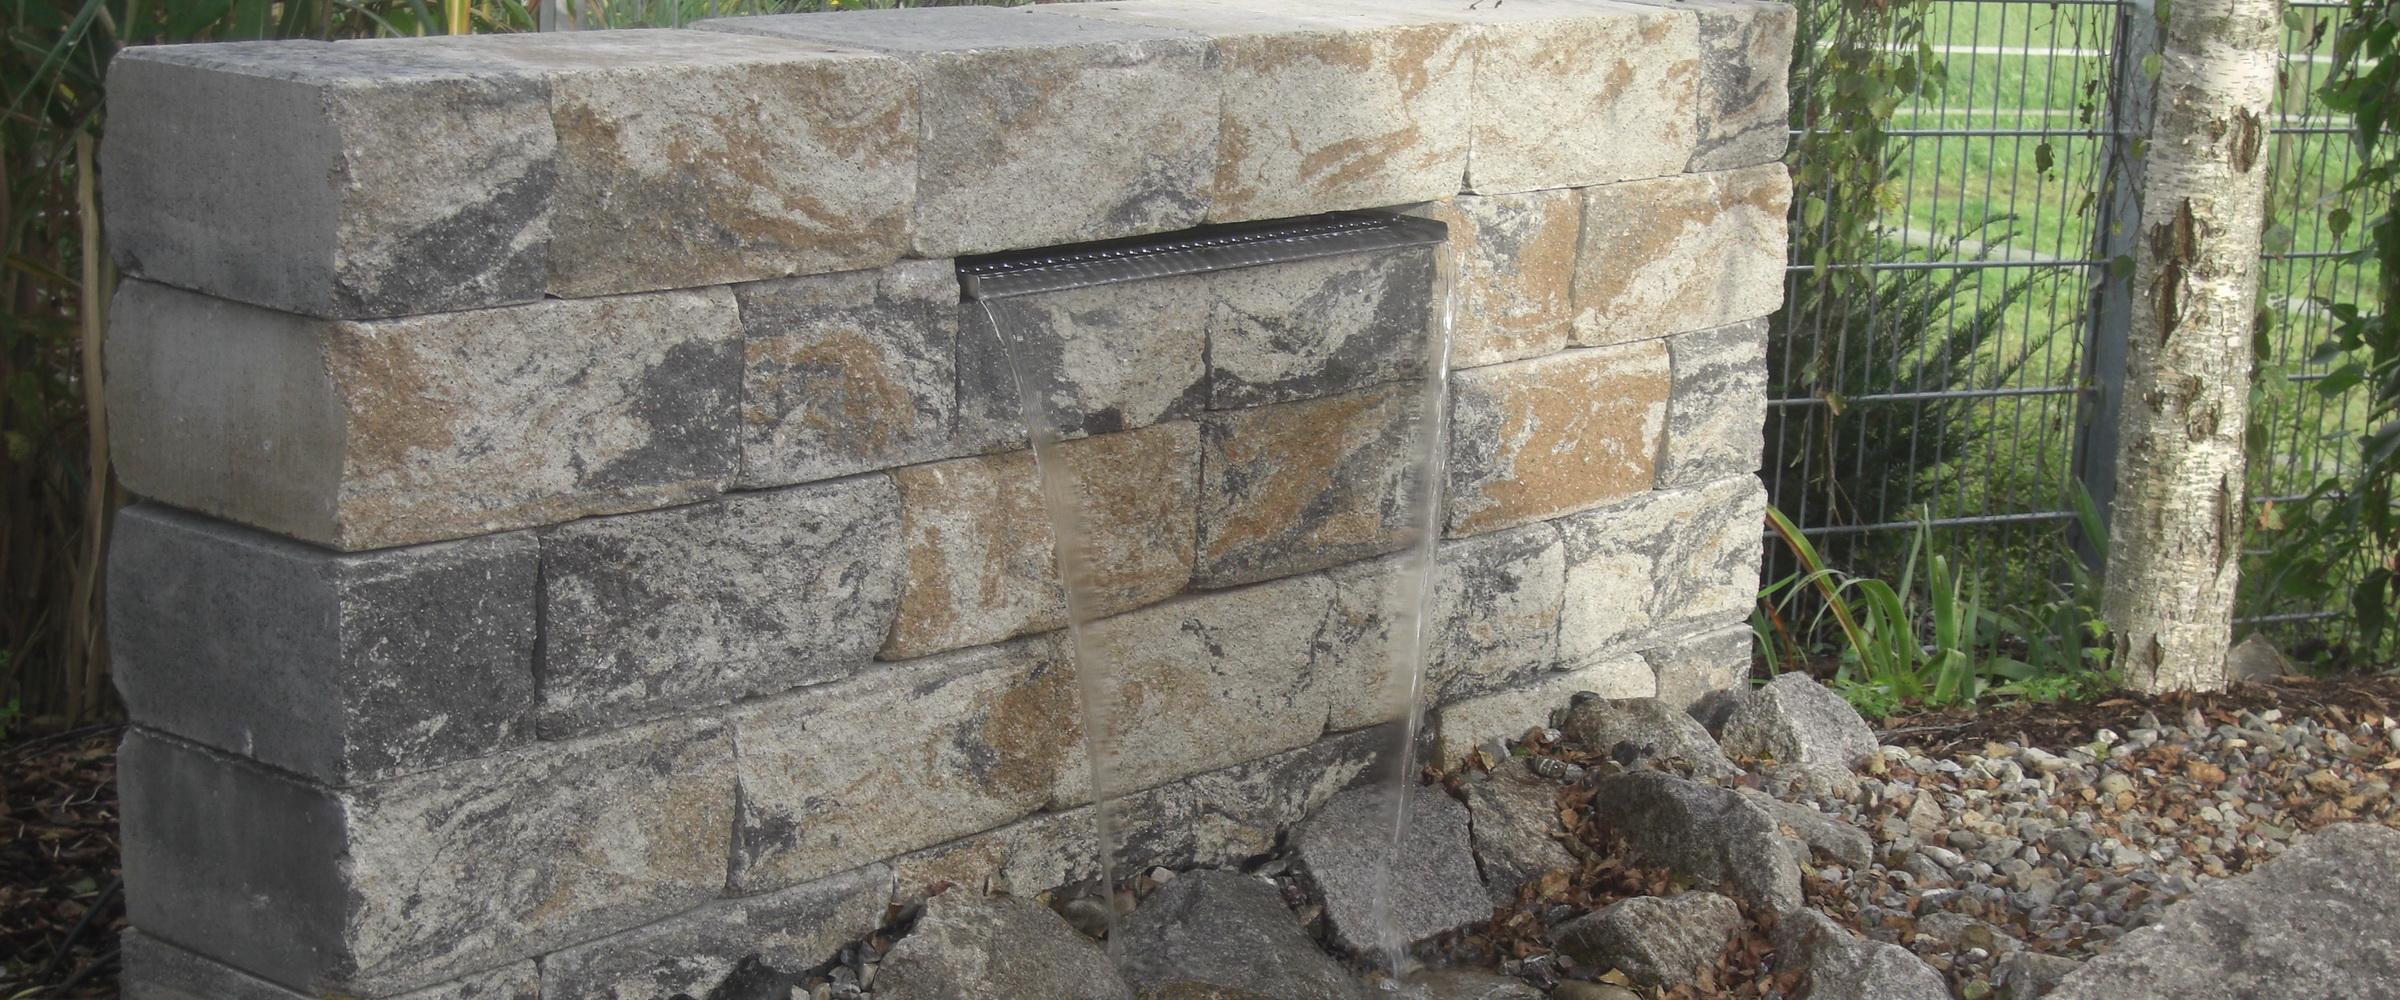 Besonderer Charme mit einem Wasserfall in Trockenmauer